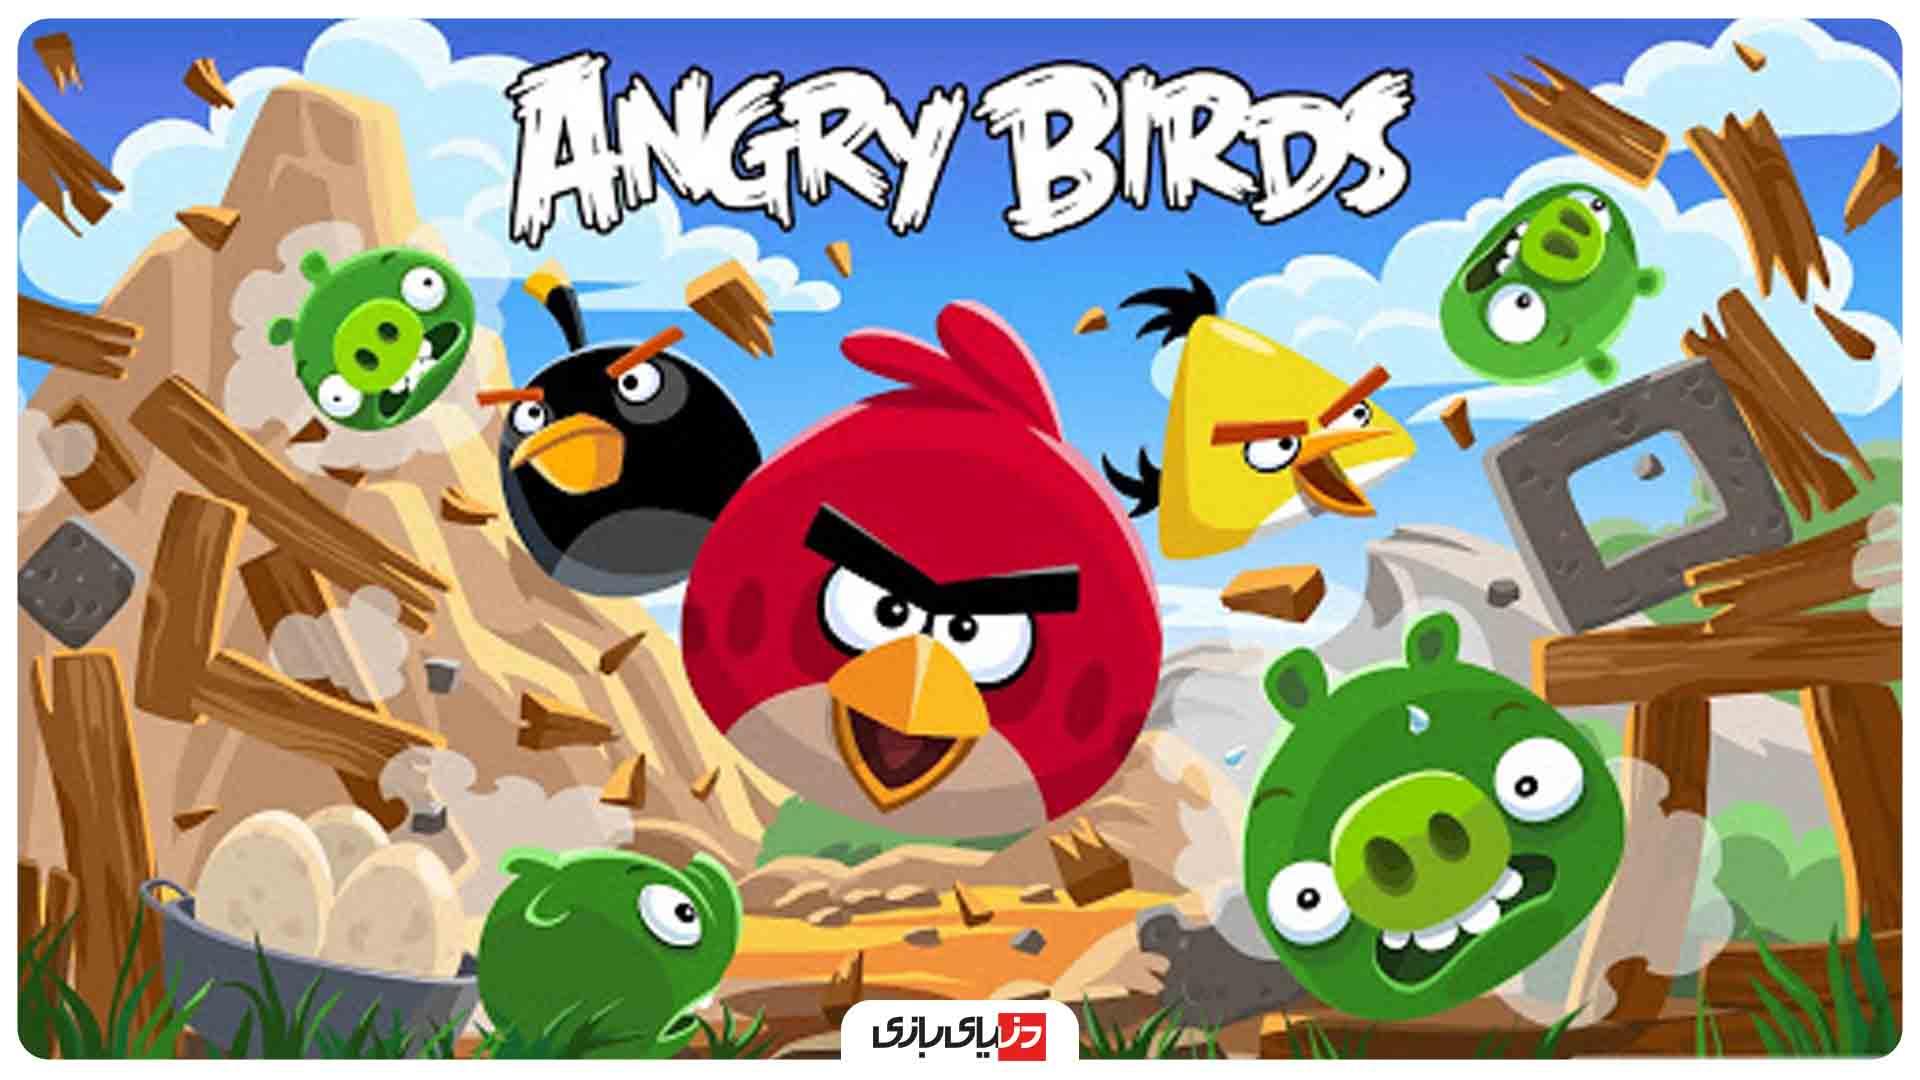 بازی پرندگان خشمگین بردز - انگری بردز (دسامبر 2009)